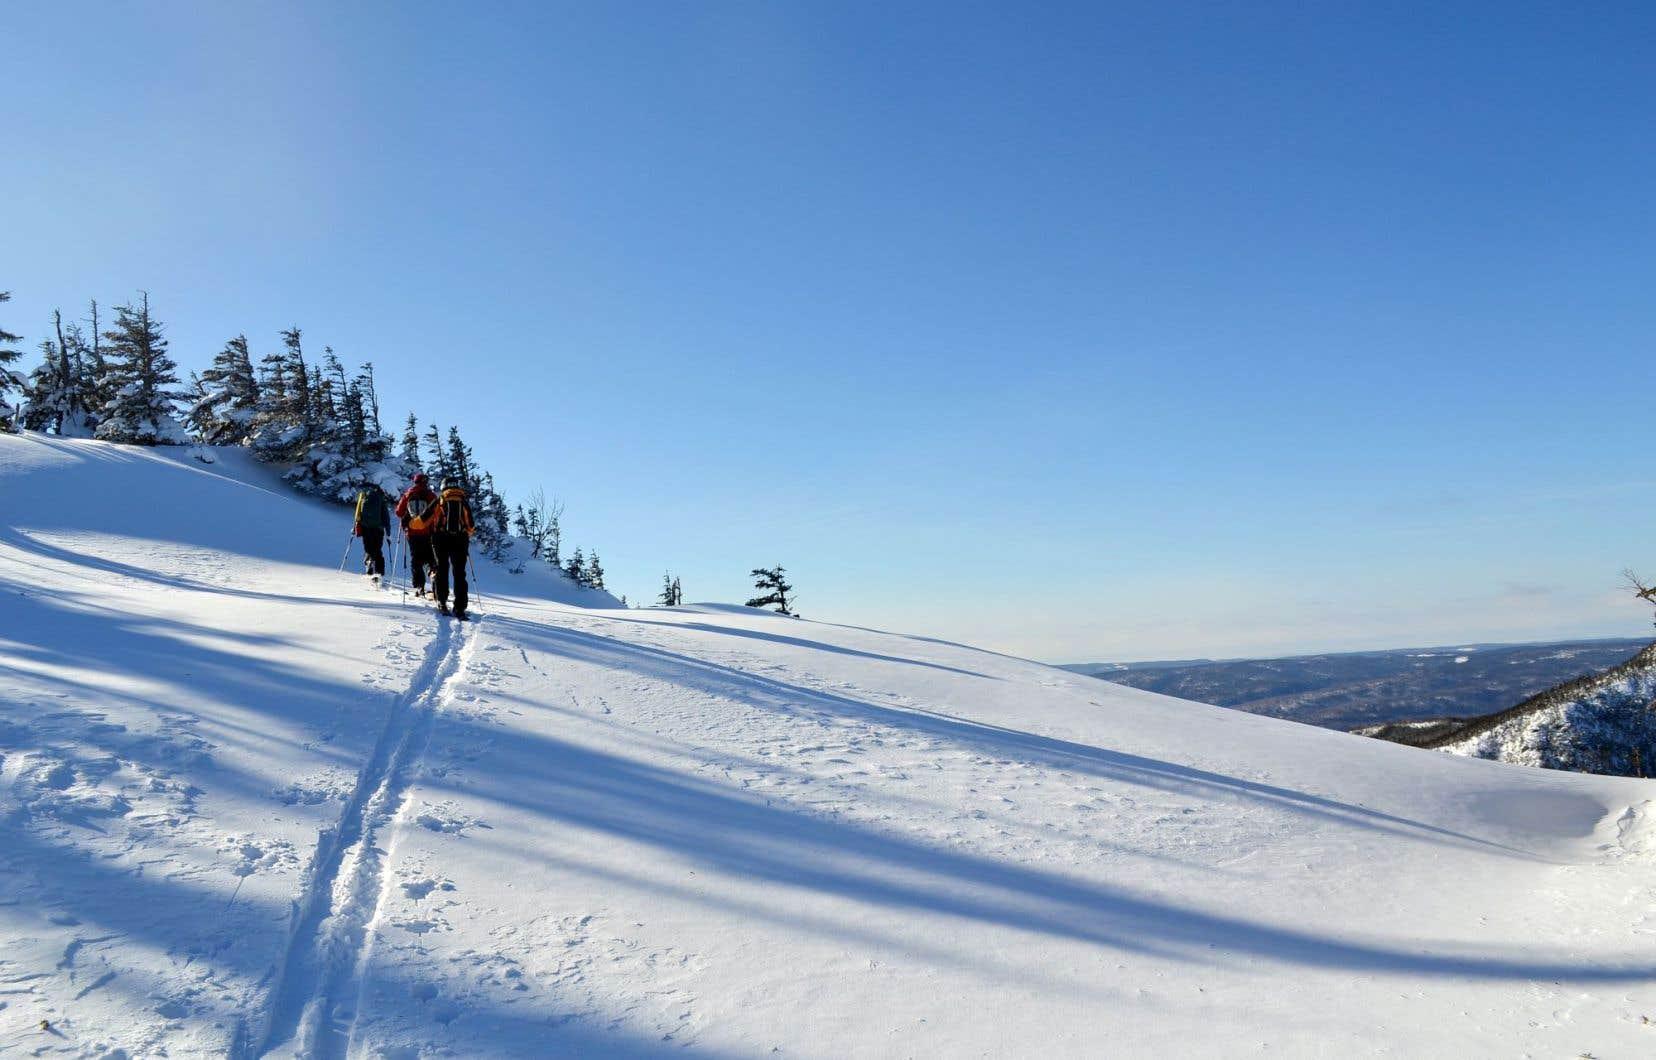 On effectue l'ascension en utilisant la partie de la fixation qui permet de détacher le talon du ski. Puis, c'est l'envol. Dans la poudreuse fraîchement tombée, les skis, qui font office désormais de skis alpins, font leurs propres traces, contournant les arbres, guettant les éclaircies, filant dans l'après-midi… jusqu'à la première chute.